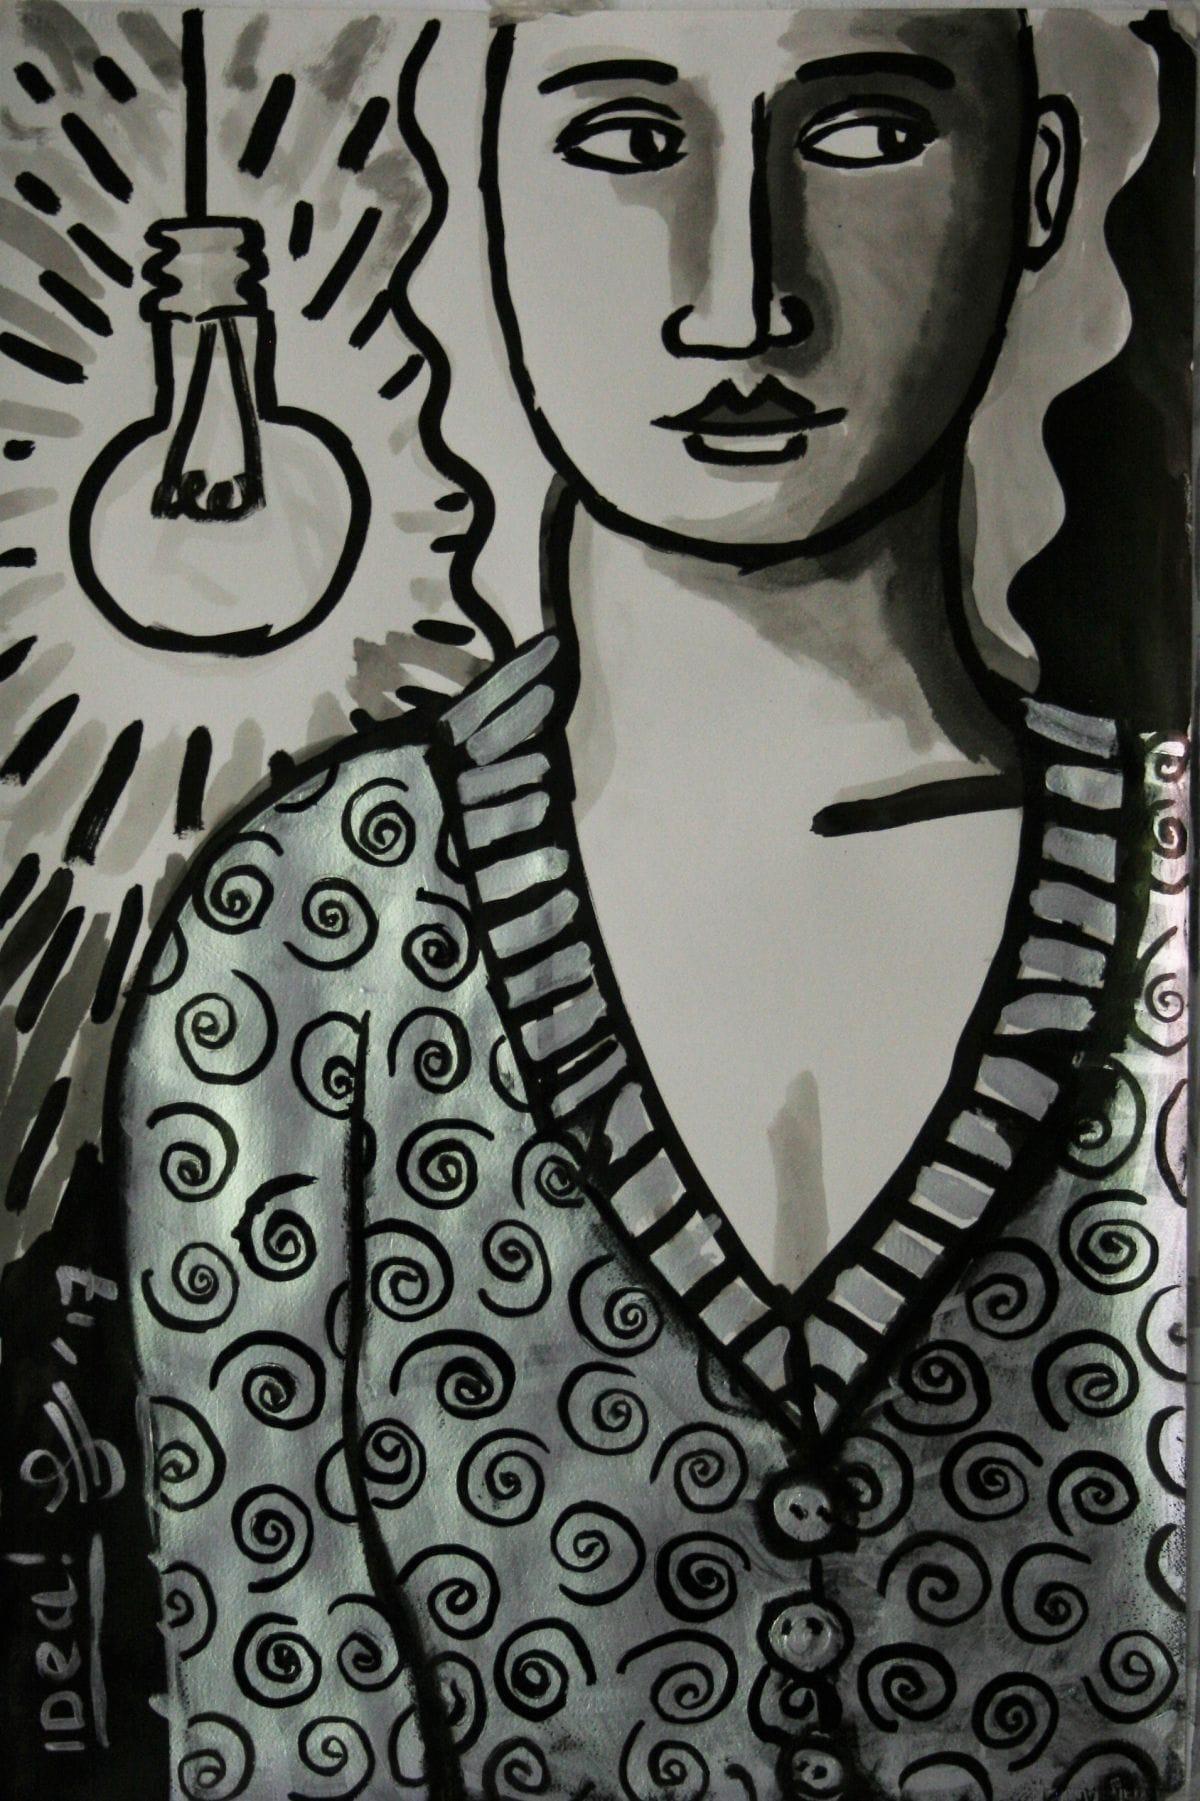 Kunst: Idea van kunstenaar Jacques Tange